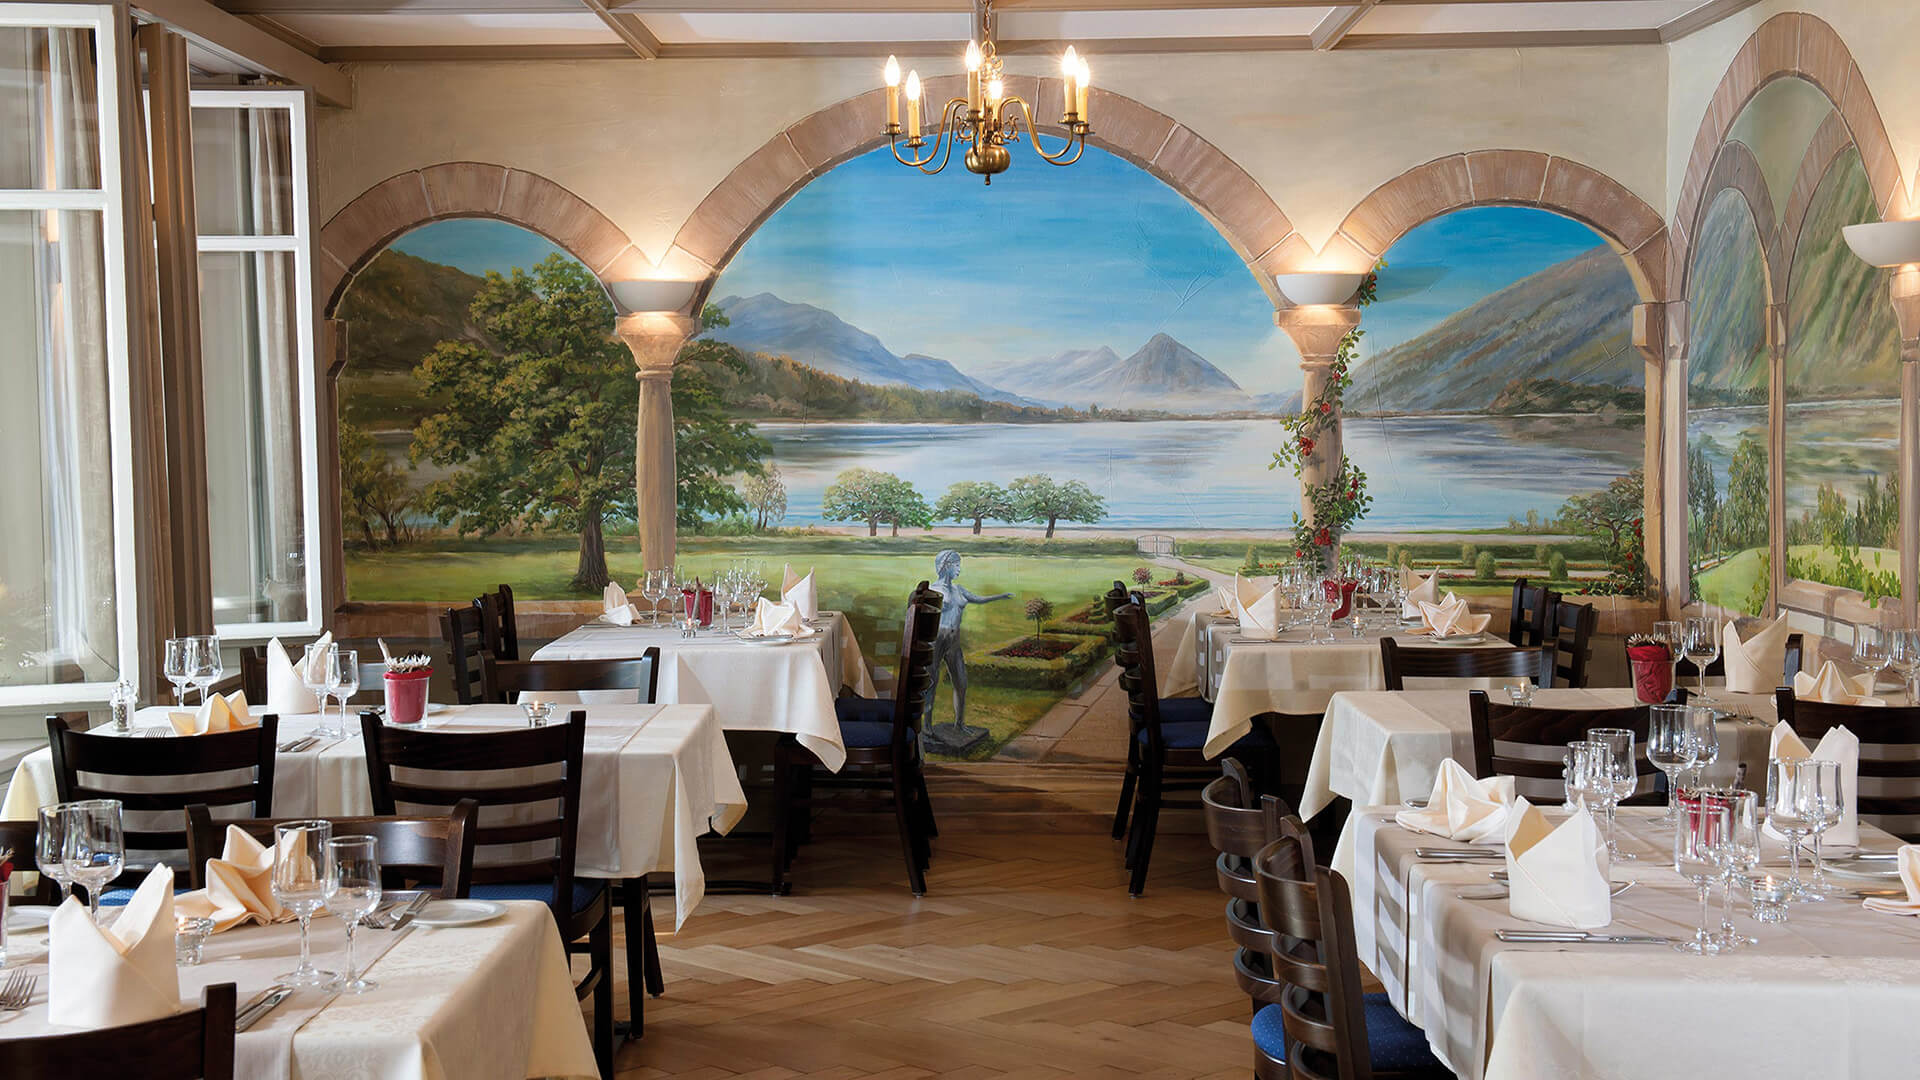 restaurant-jungfrau-wilderswil-essensbereich-innen